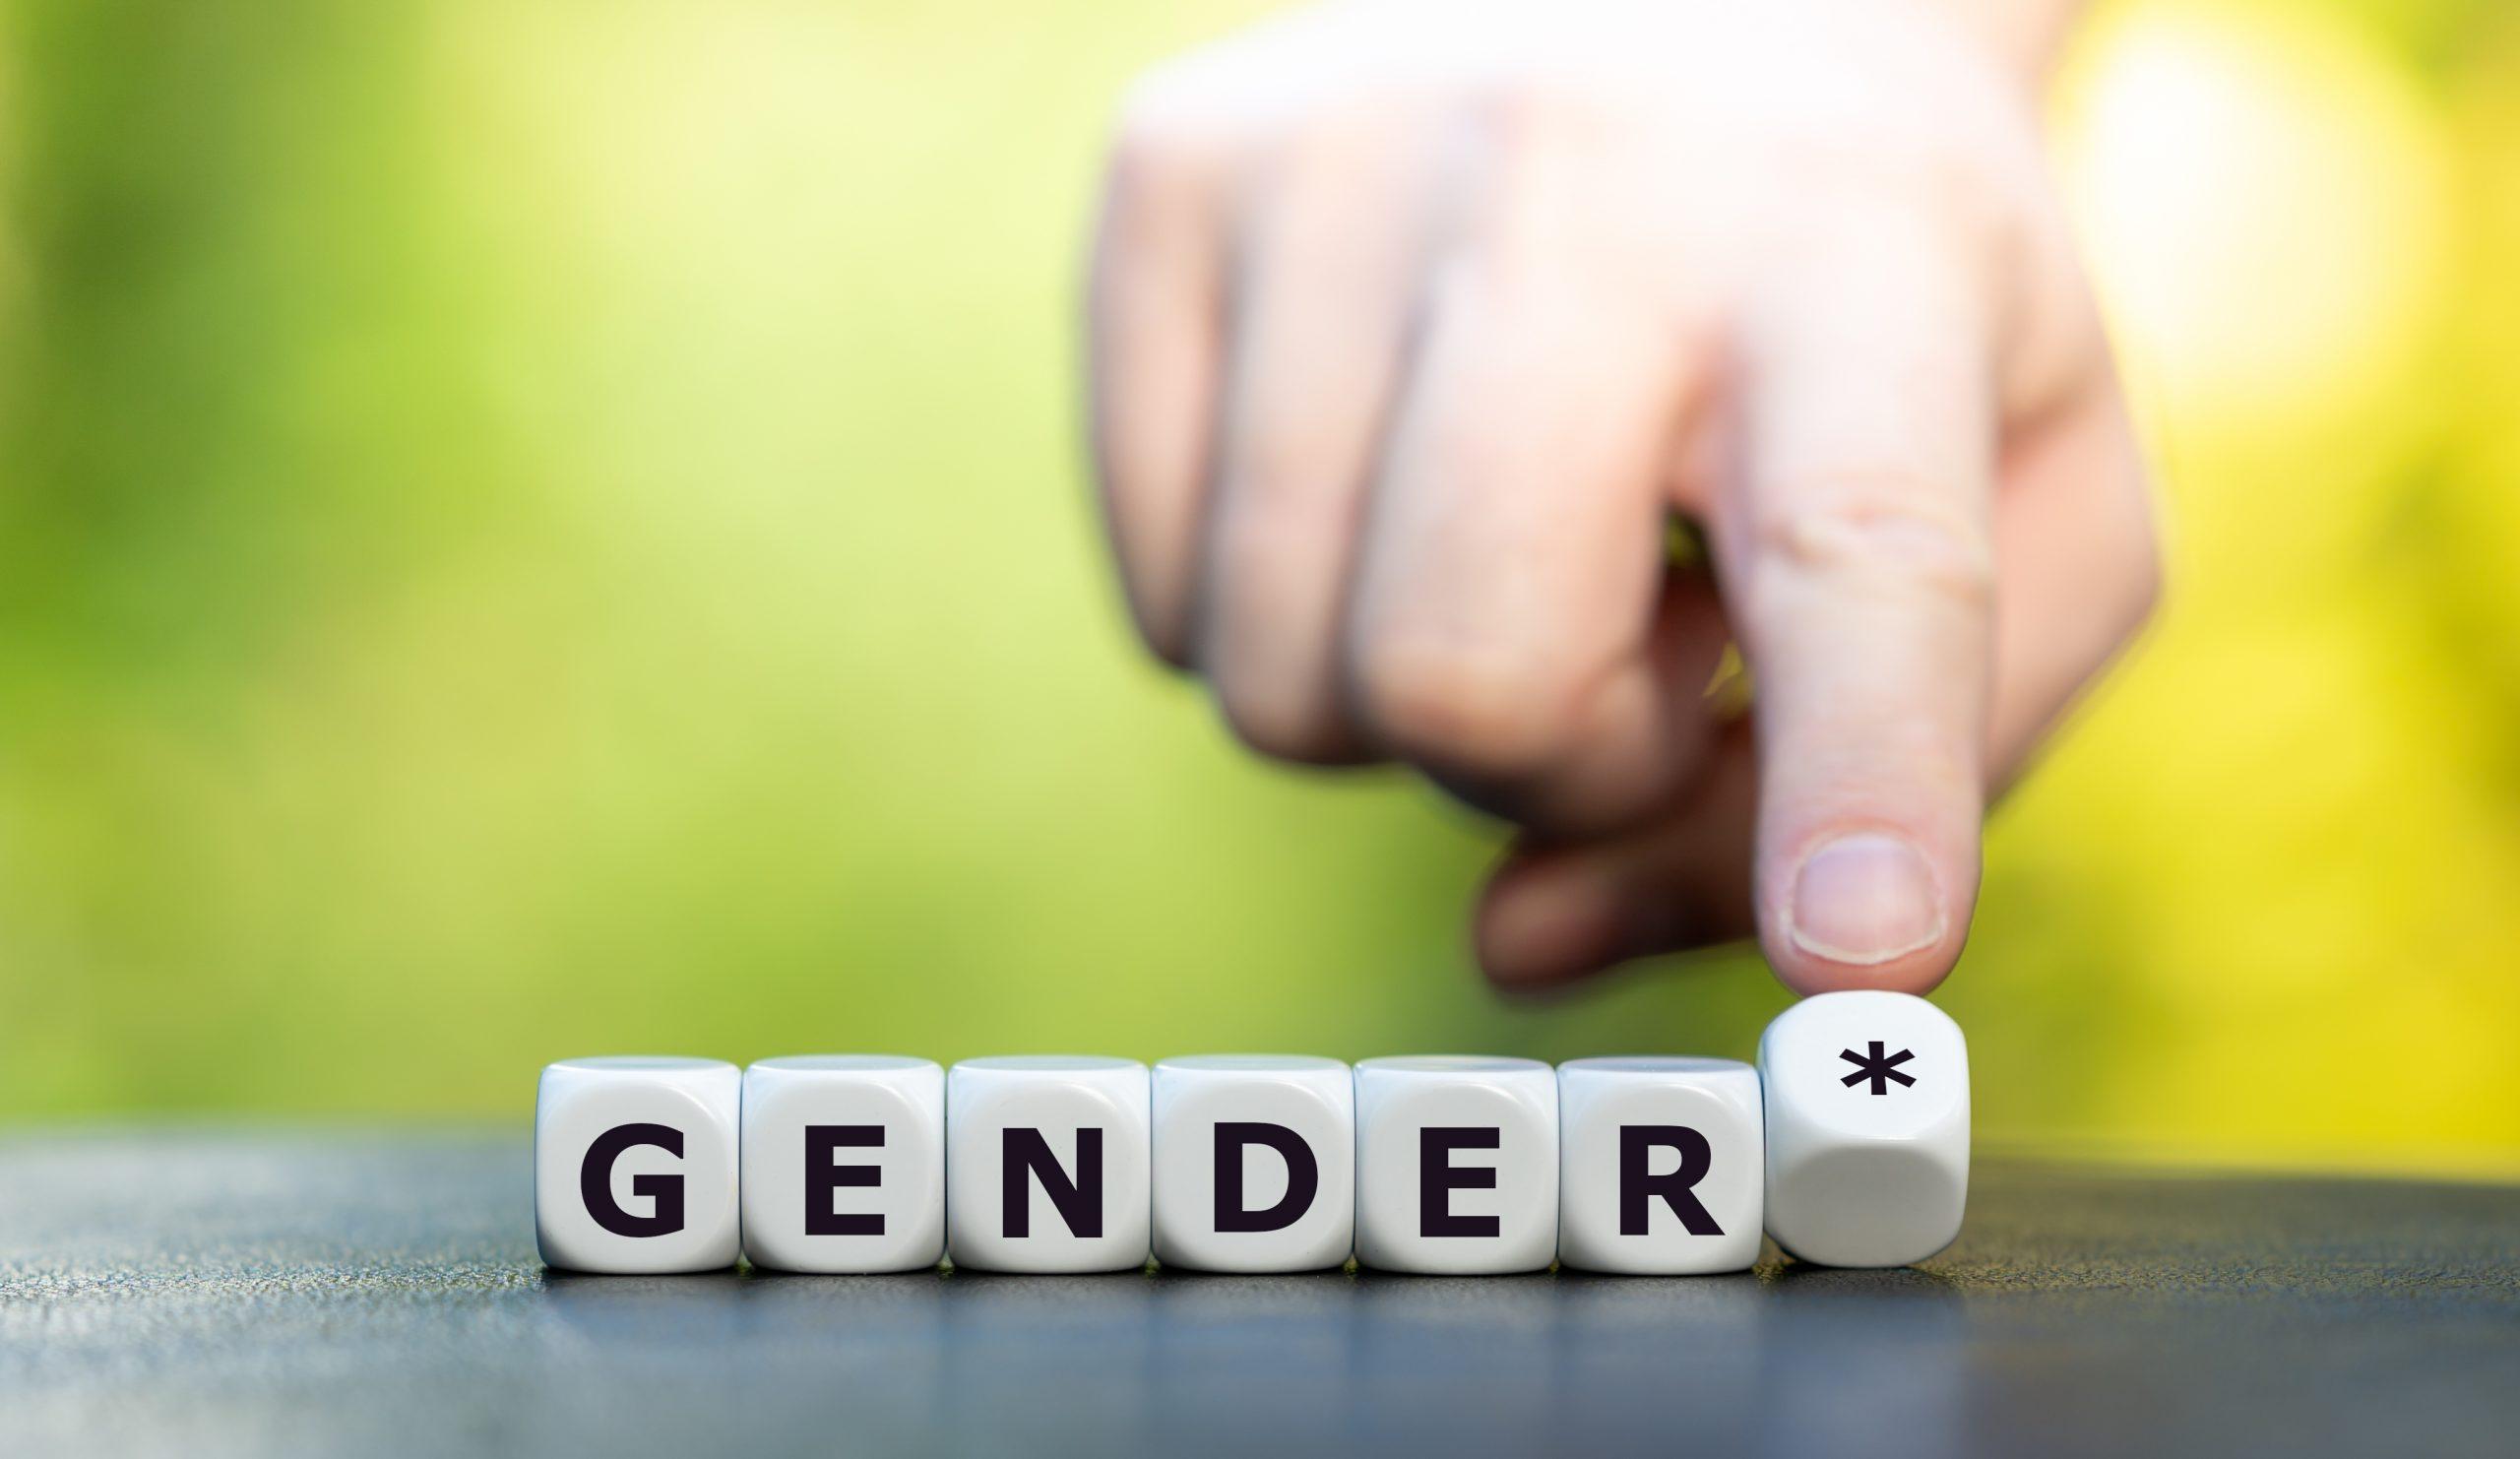 Gesellschaft für deutsche Sprache gegen Gendern bei staatlichen Stellen